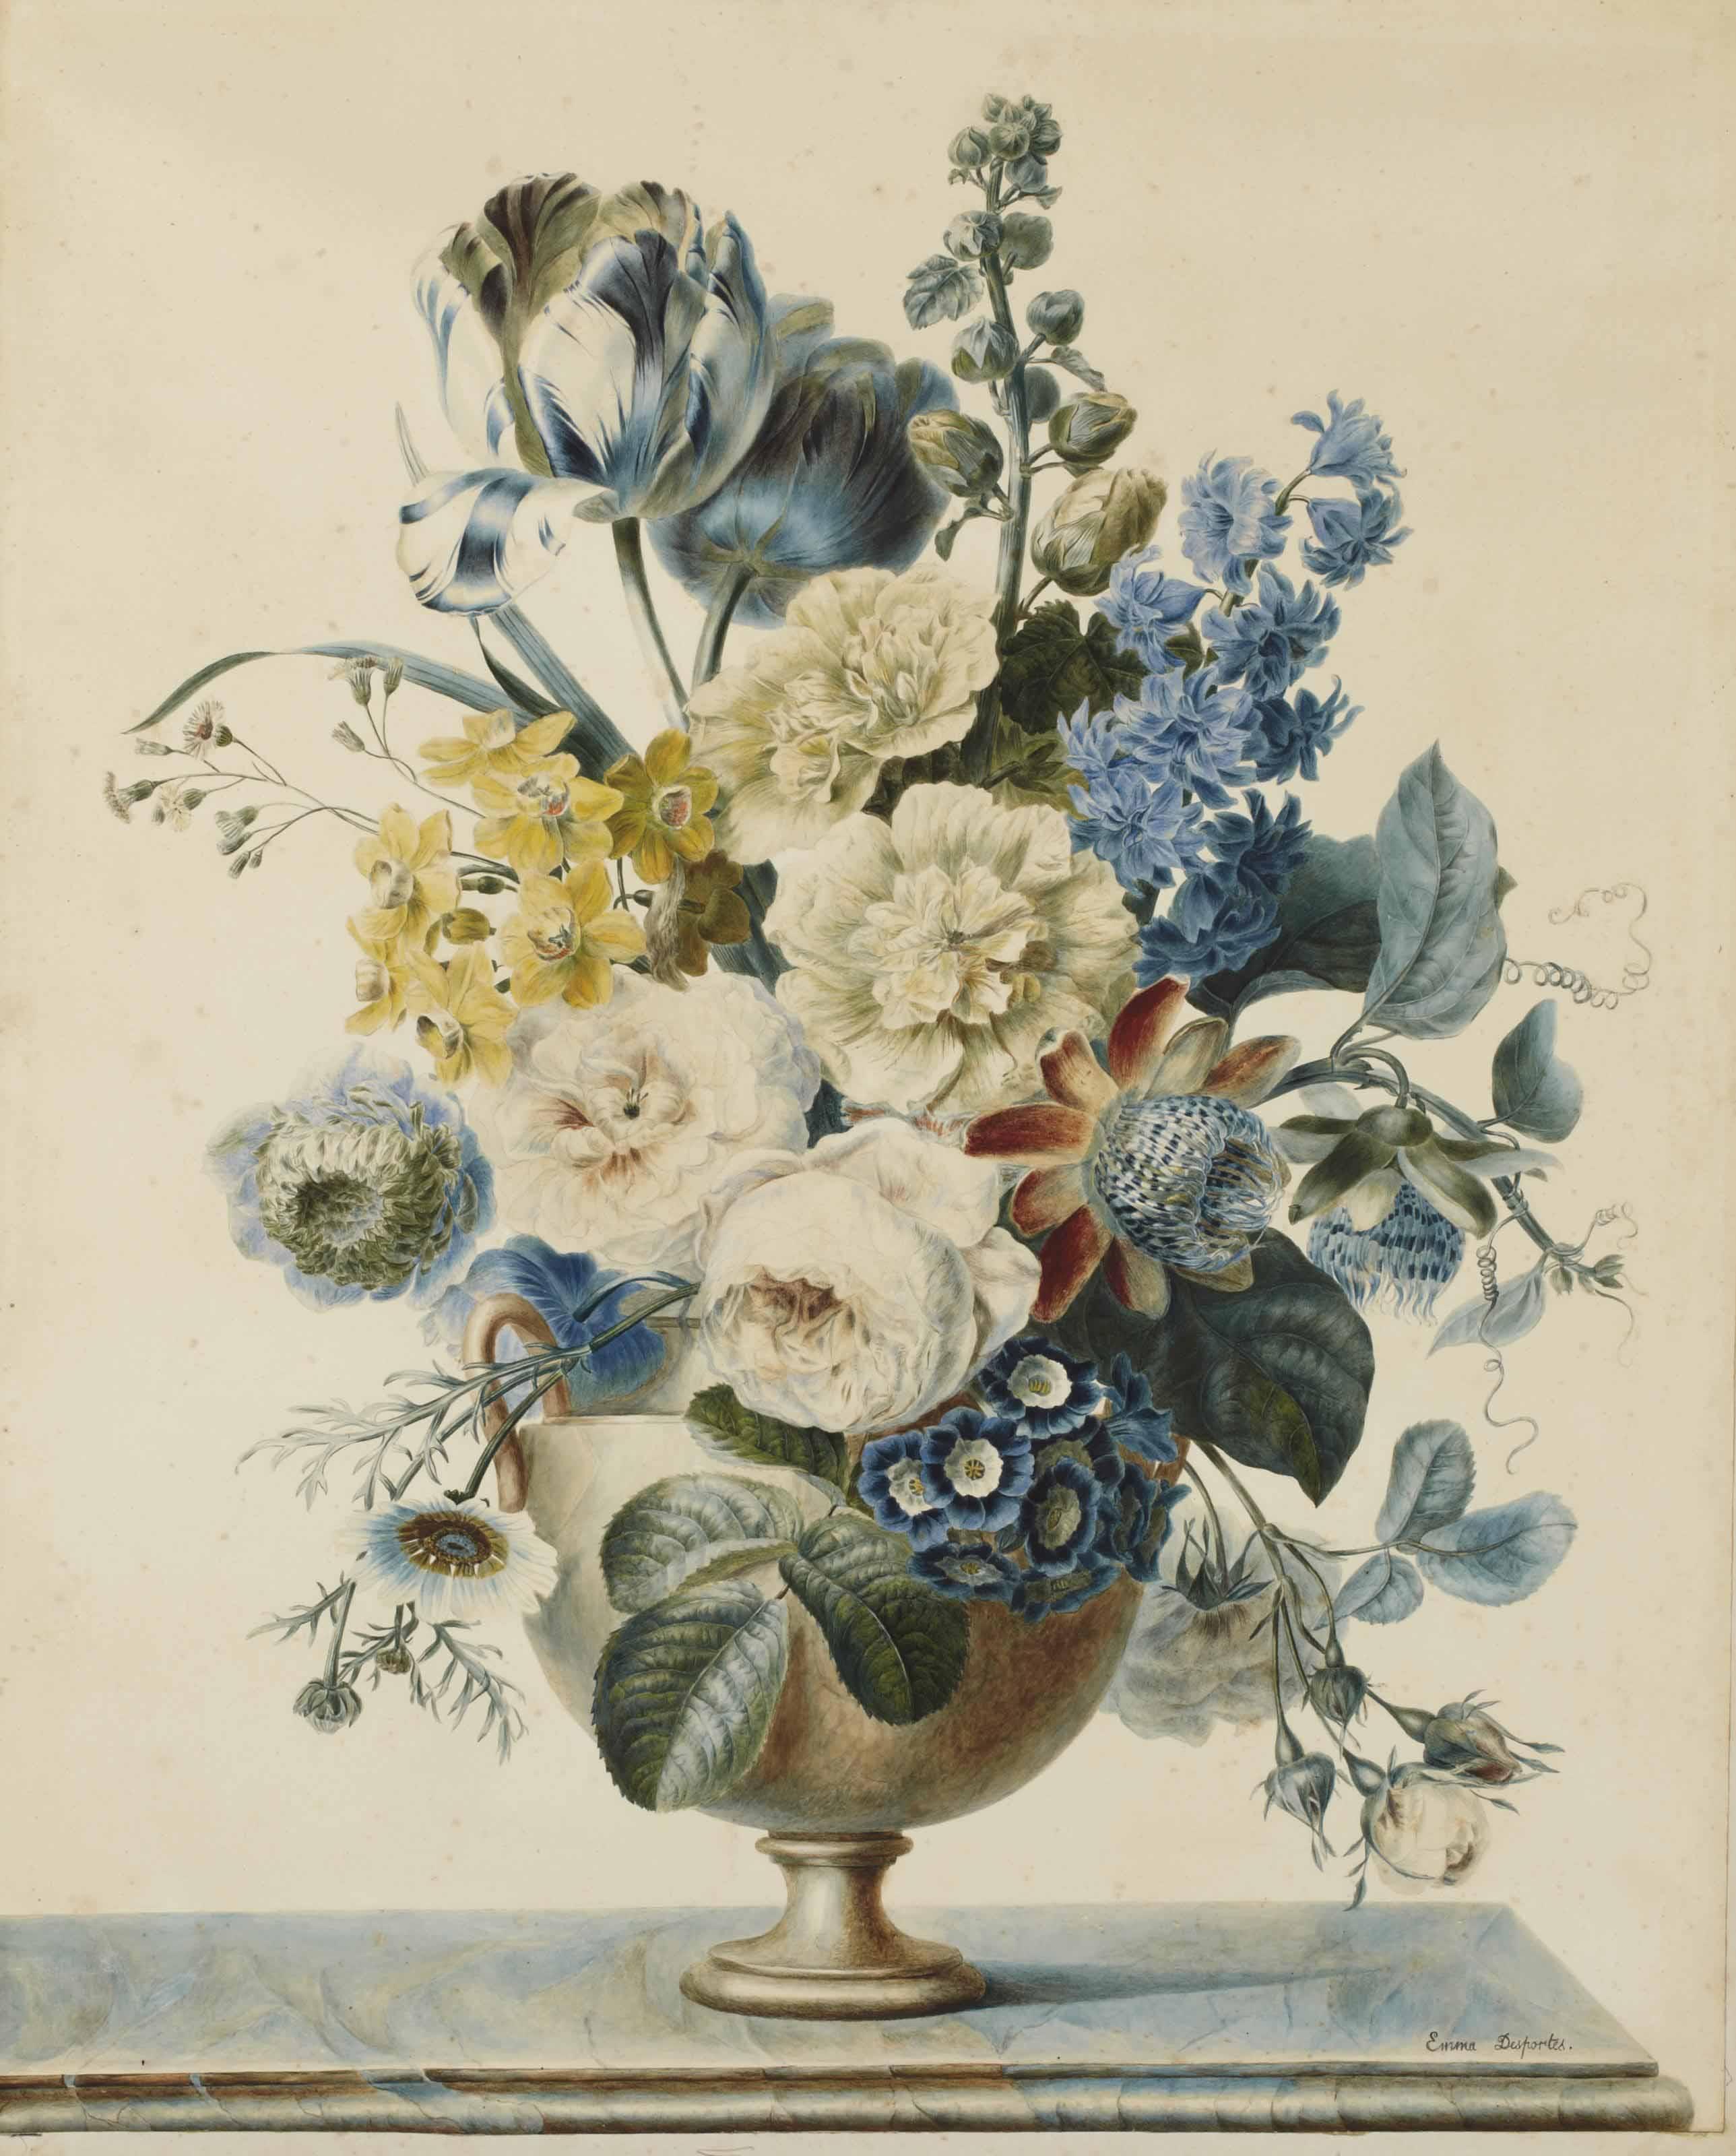 Bouquet de fleurs sur un entablement composé de tulipes, roses et autres fleurs